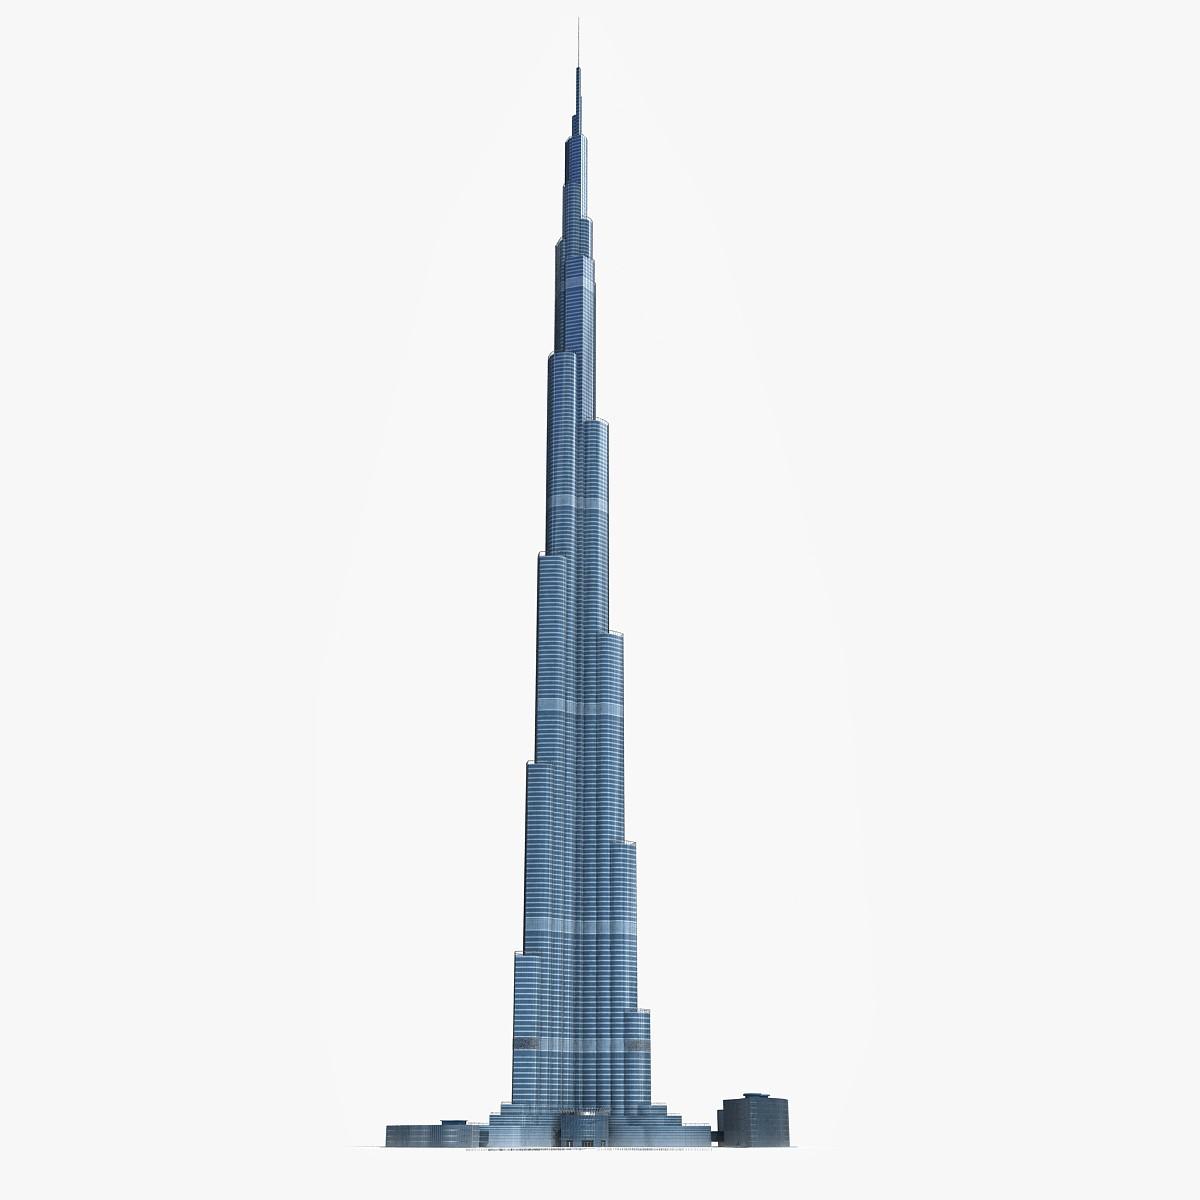 Vintage Step Van >> Burj Khalifa Blueprint - Download free blueprint for 3D modeling